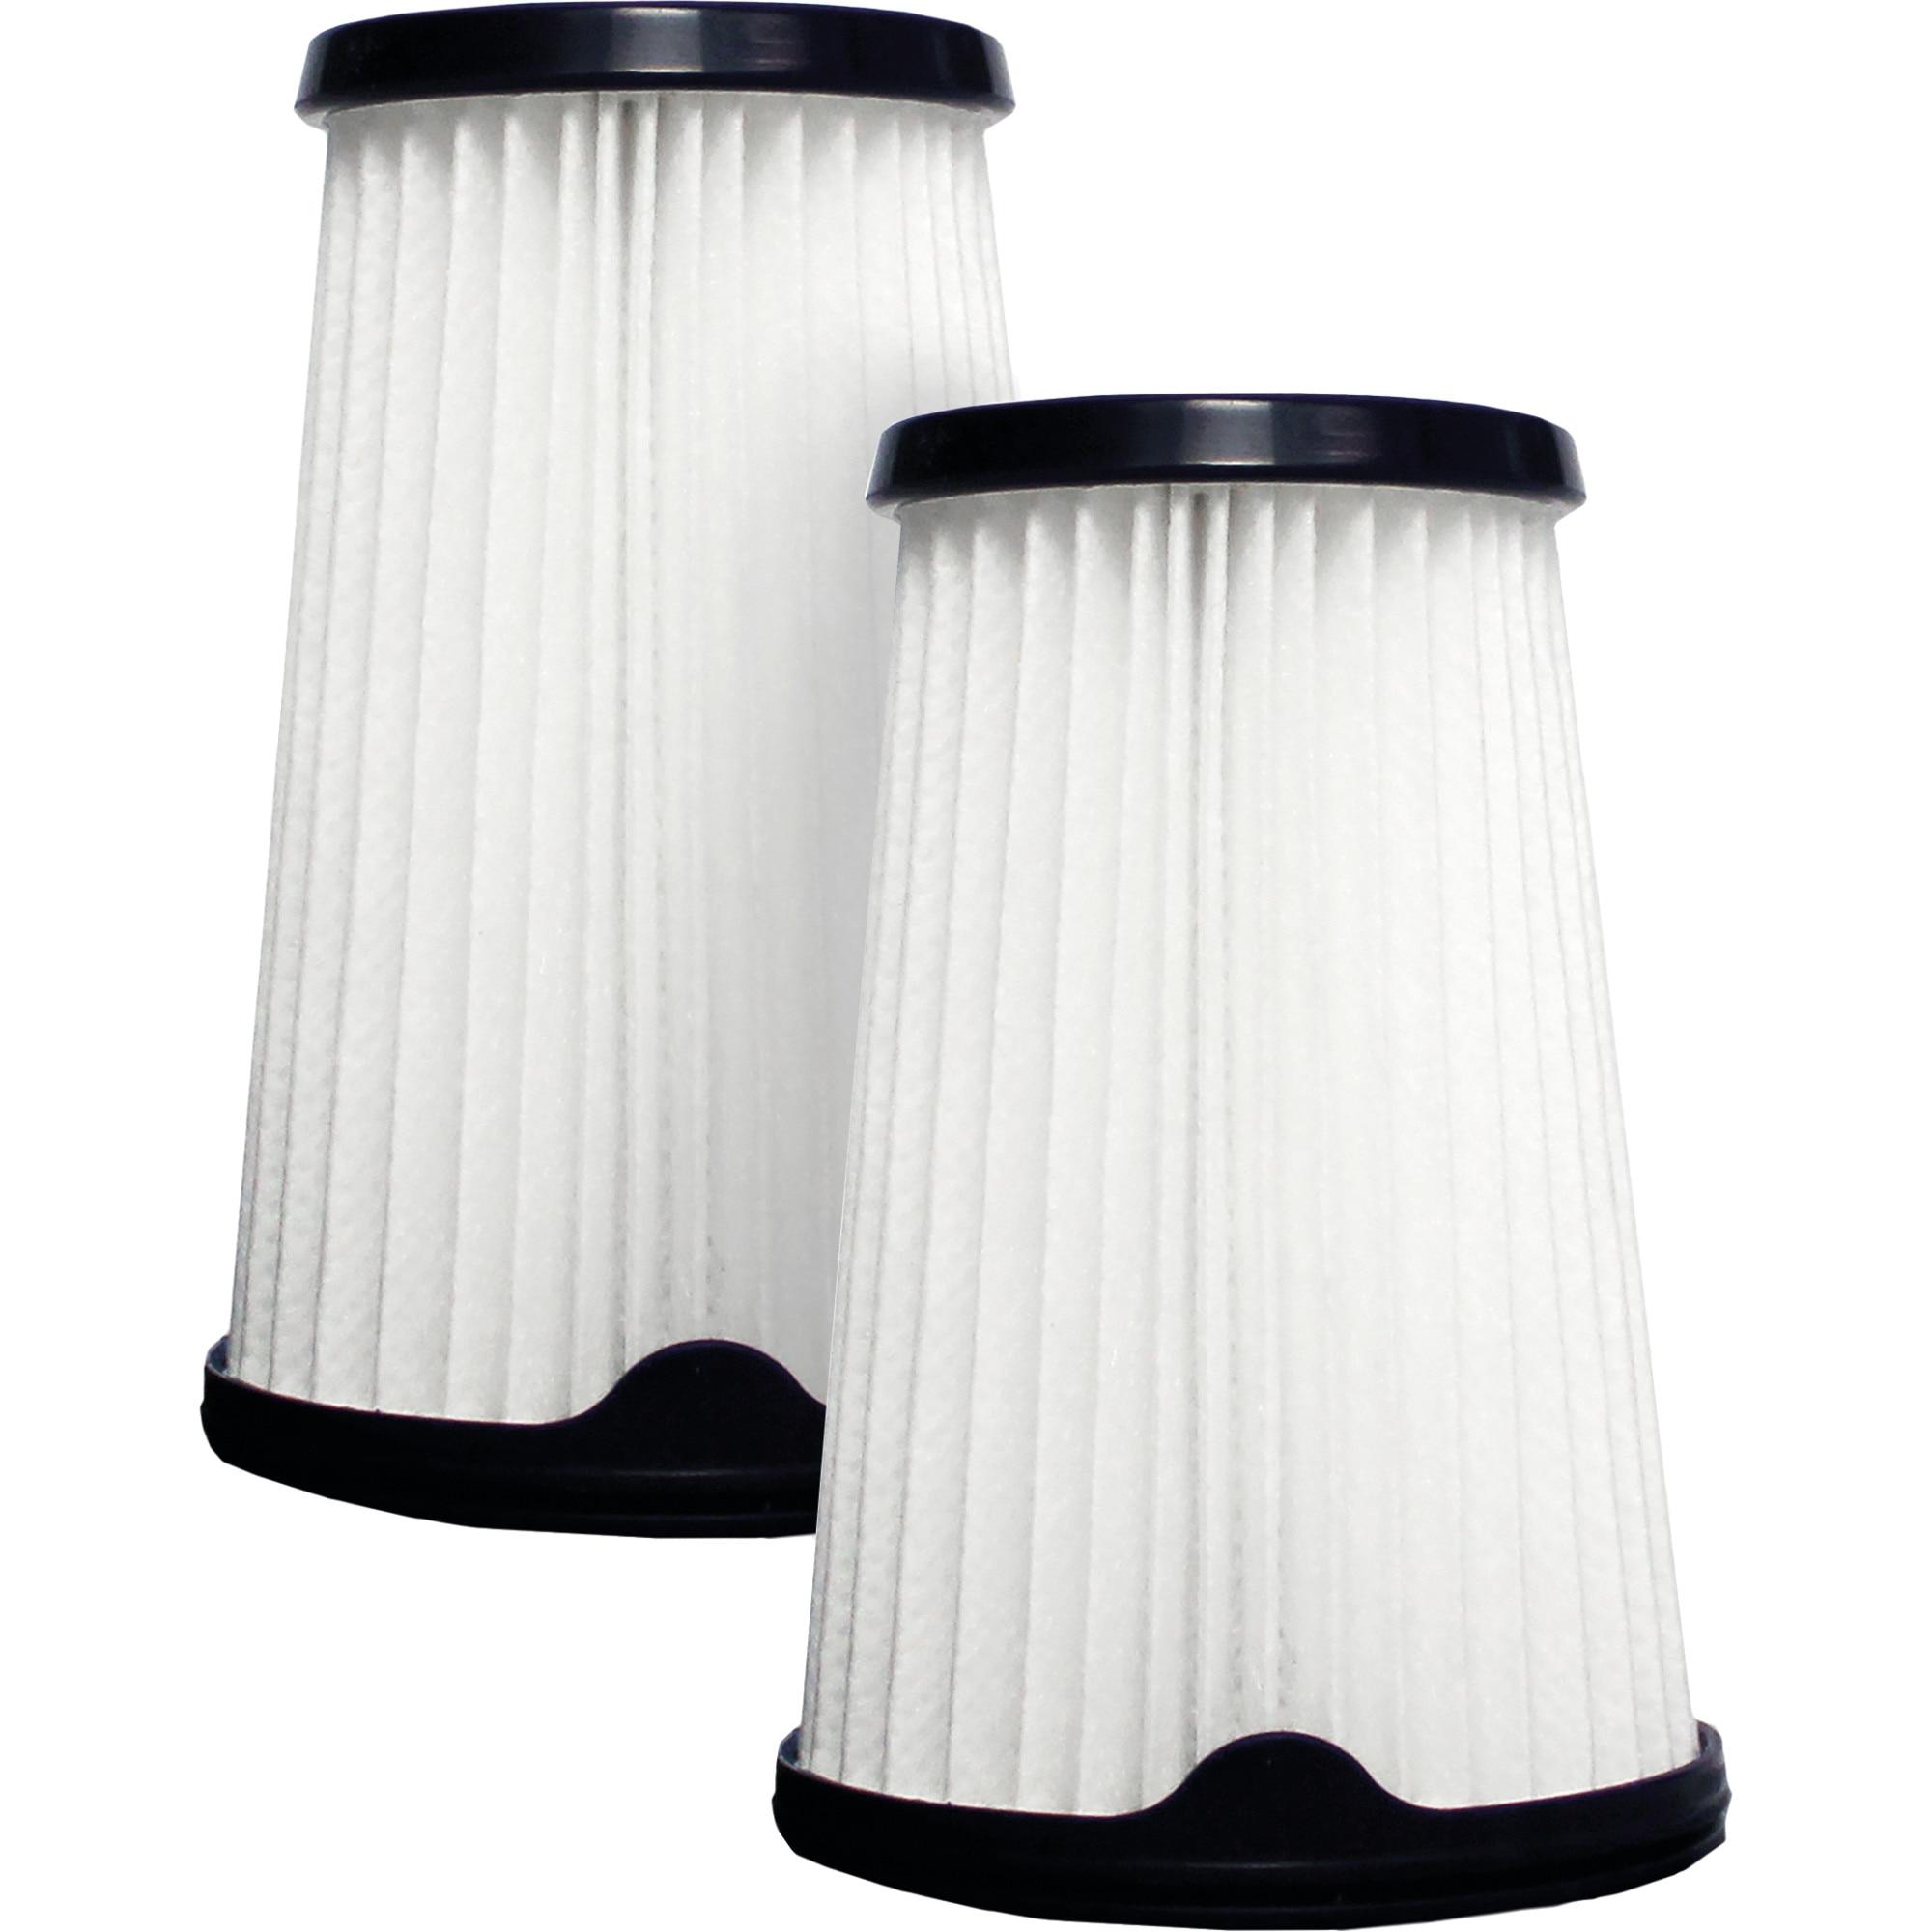 Fotografie Set 2 filtre lavabile pentru aspiratoare cordless din gama ErgoRapido